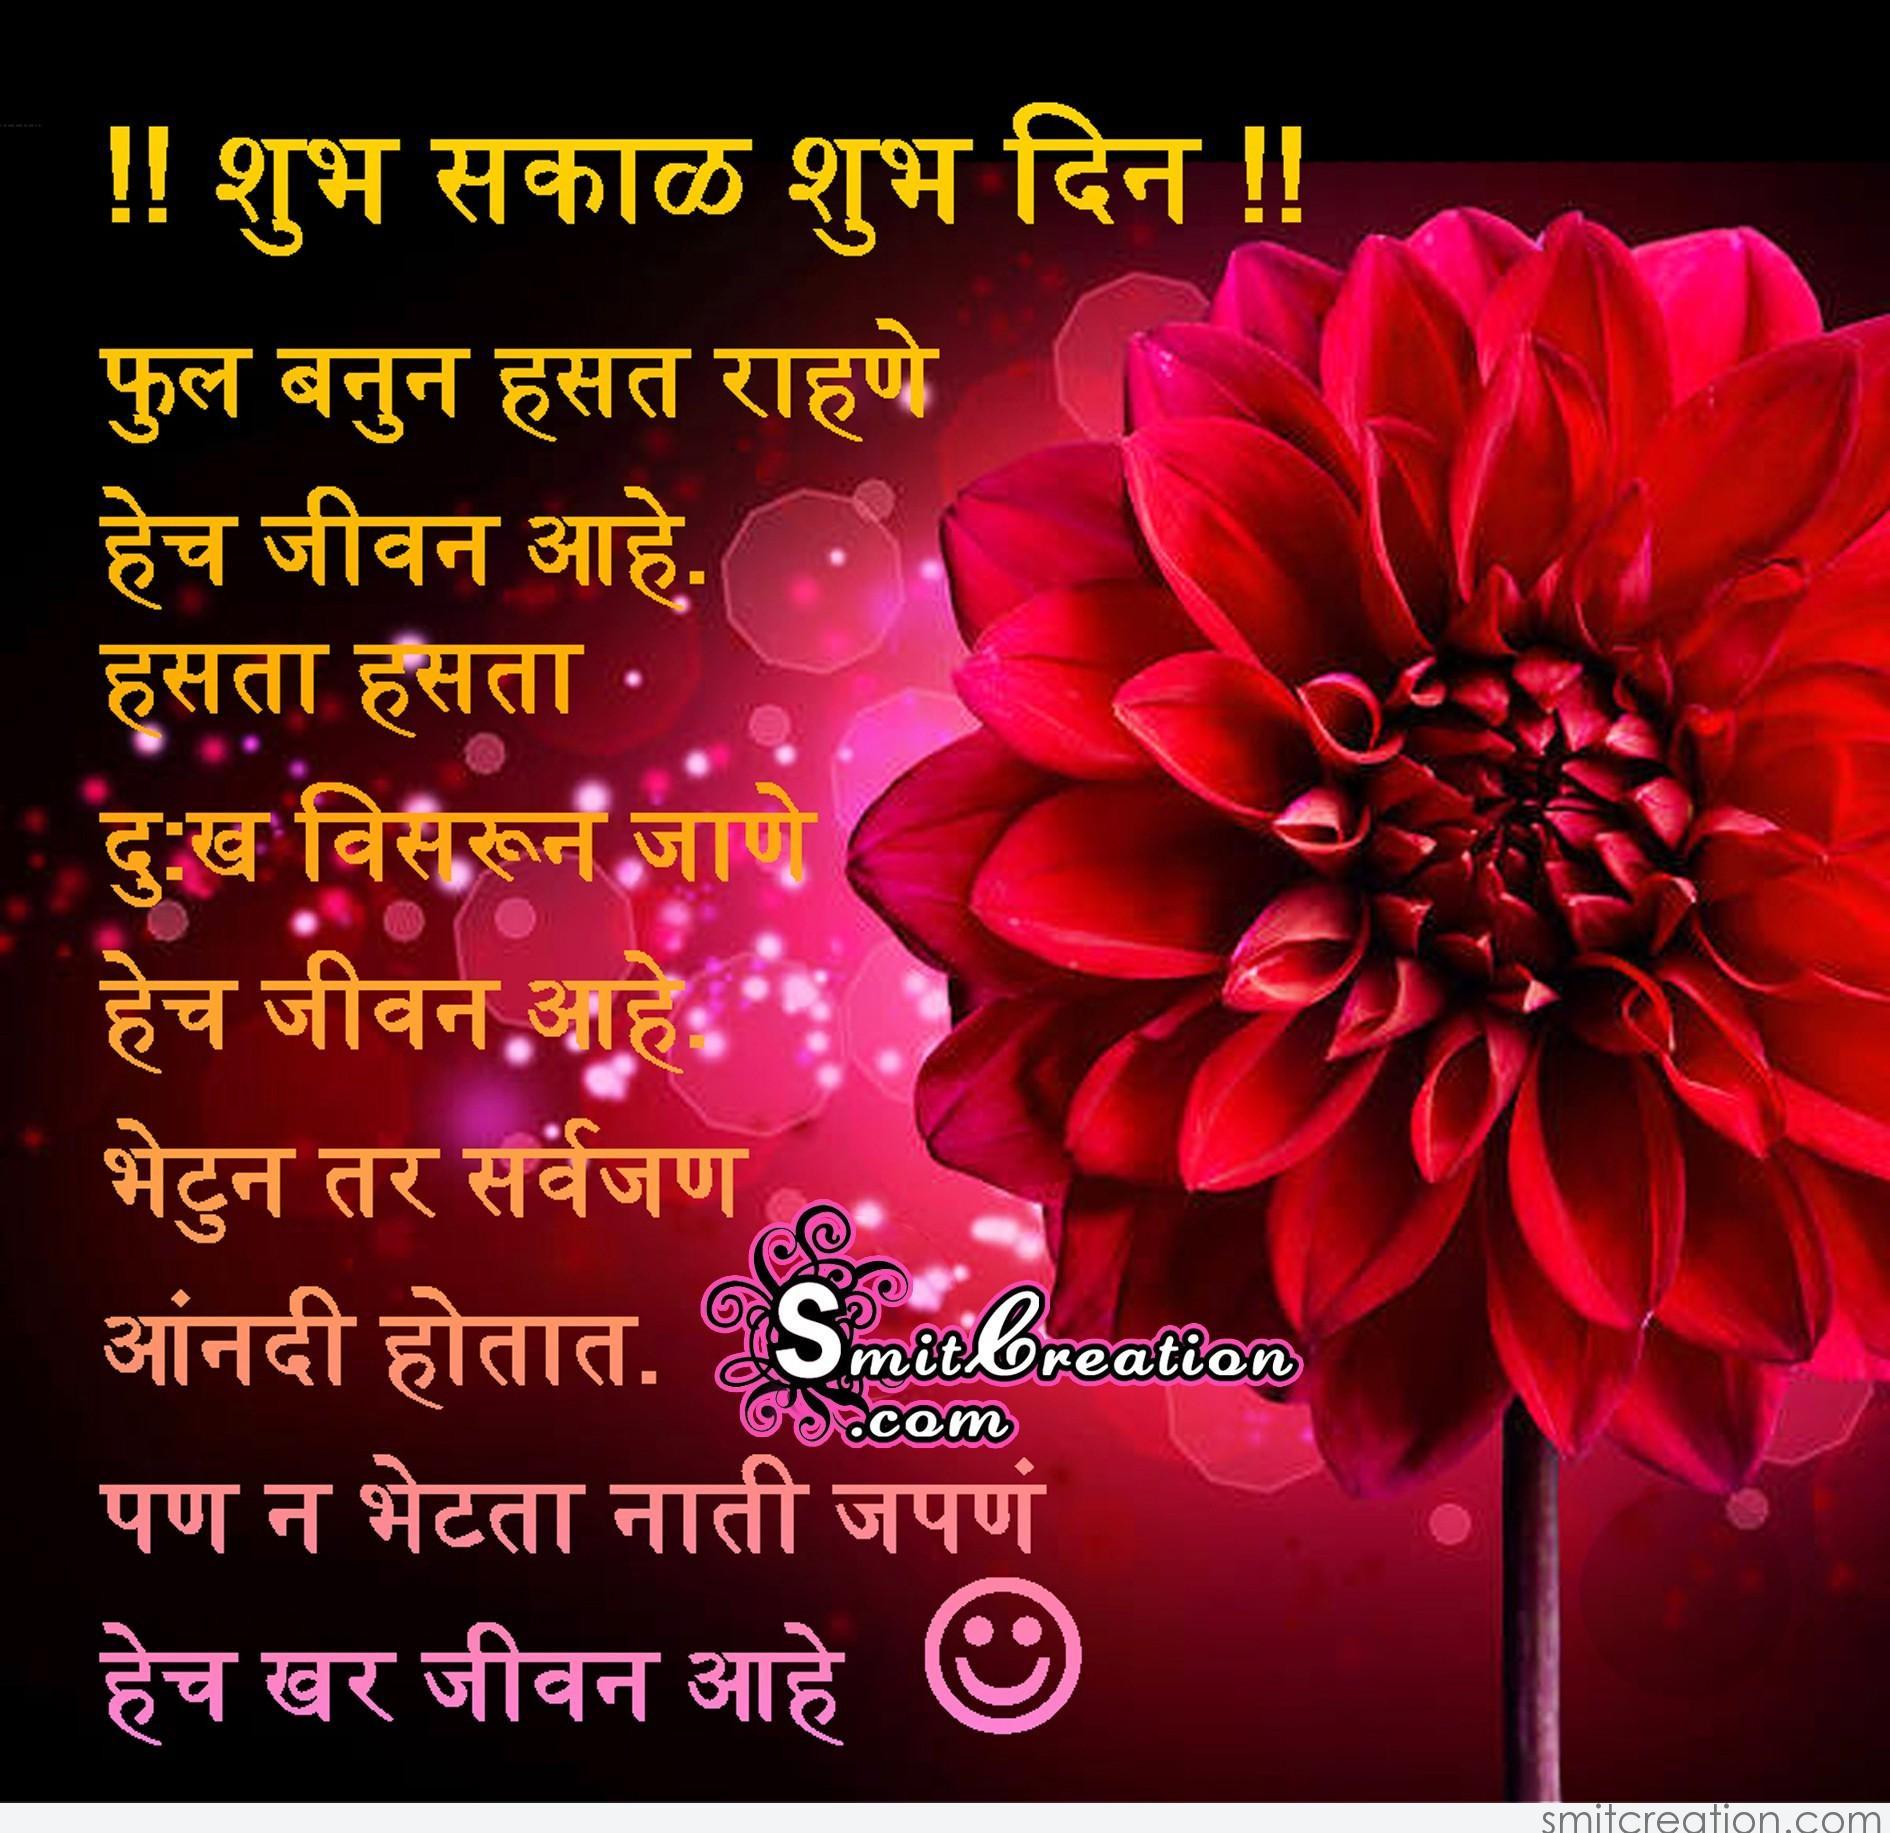 Good Morning Sunday Marathi Sms : Shubh sakal din smitcreation